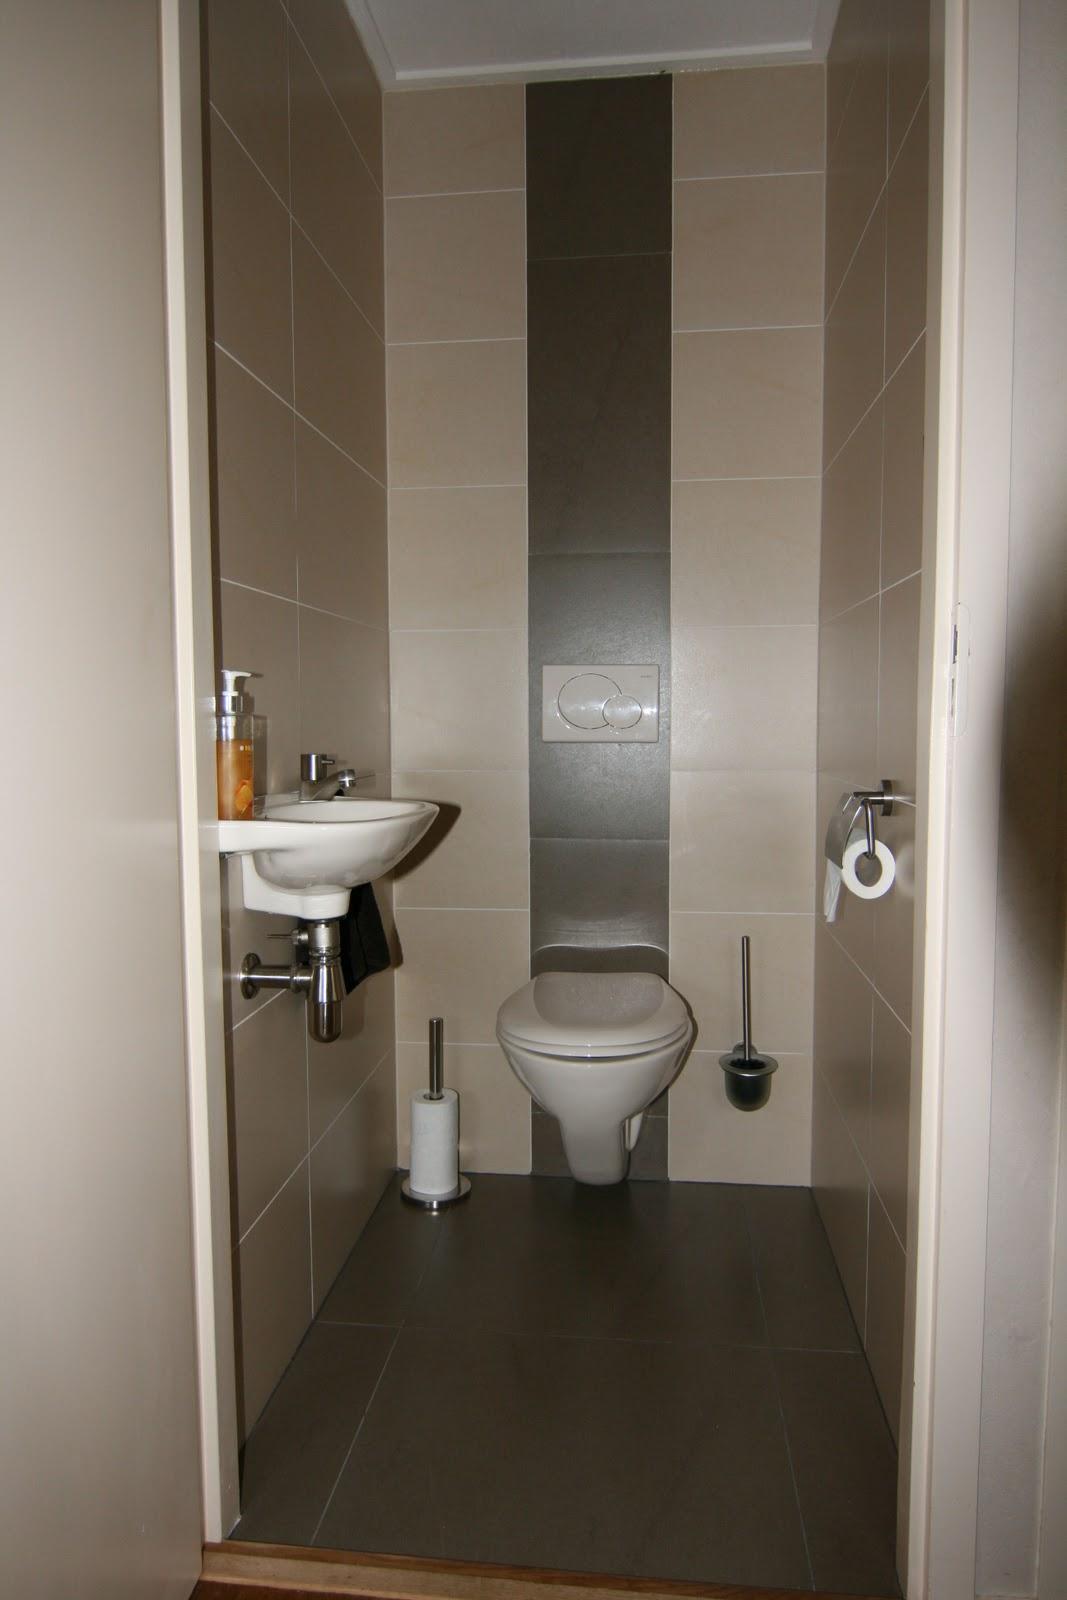 Bergentheim de savornin lohmanstraat 16 vraagprijs verlaagd van naar k k te - Stijl van toilet ...